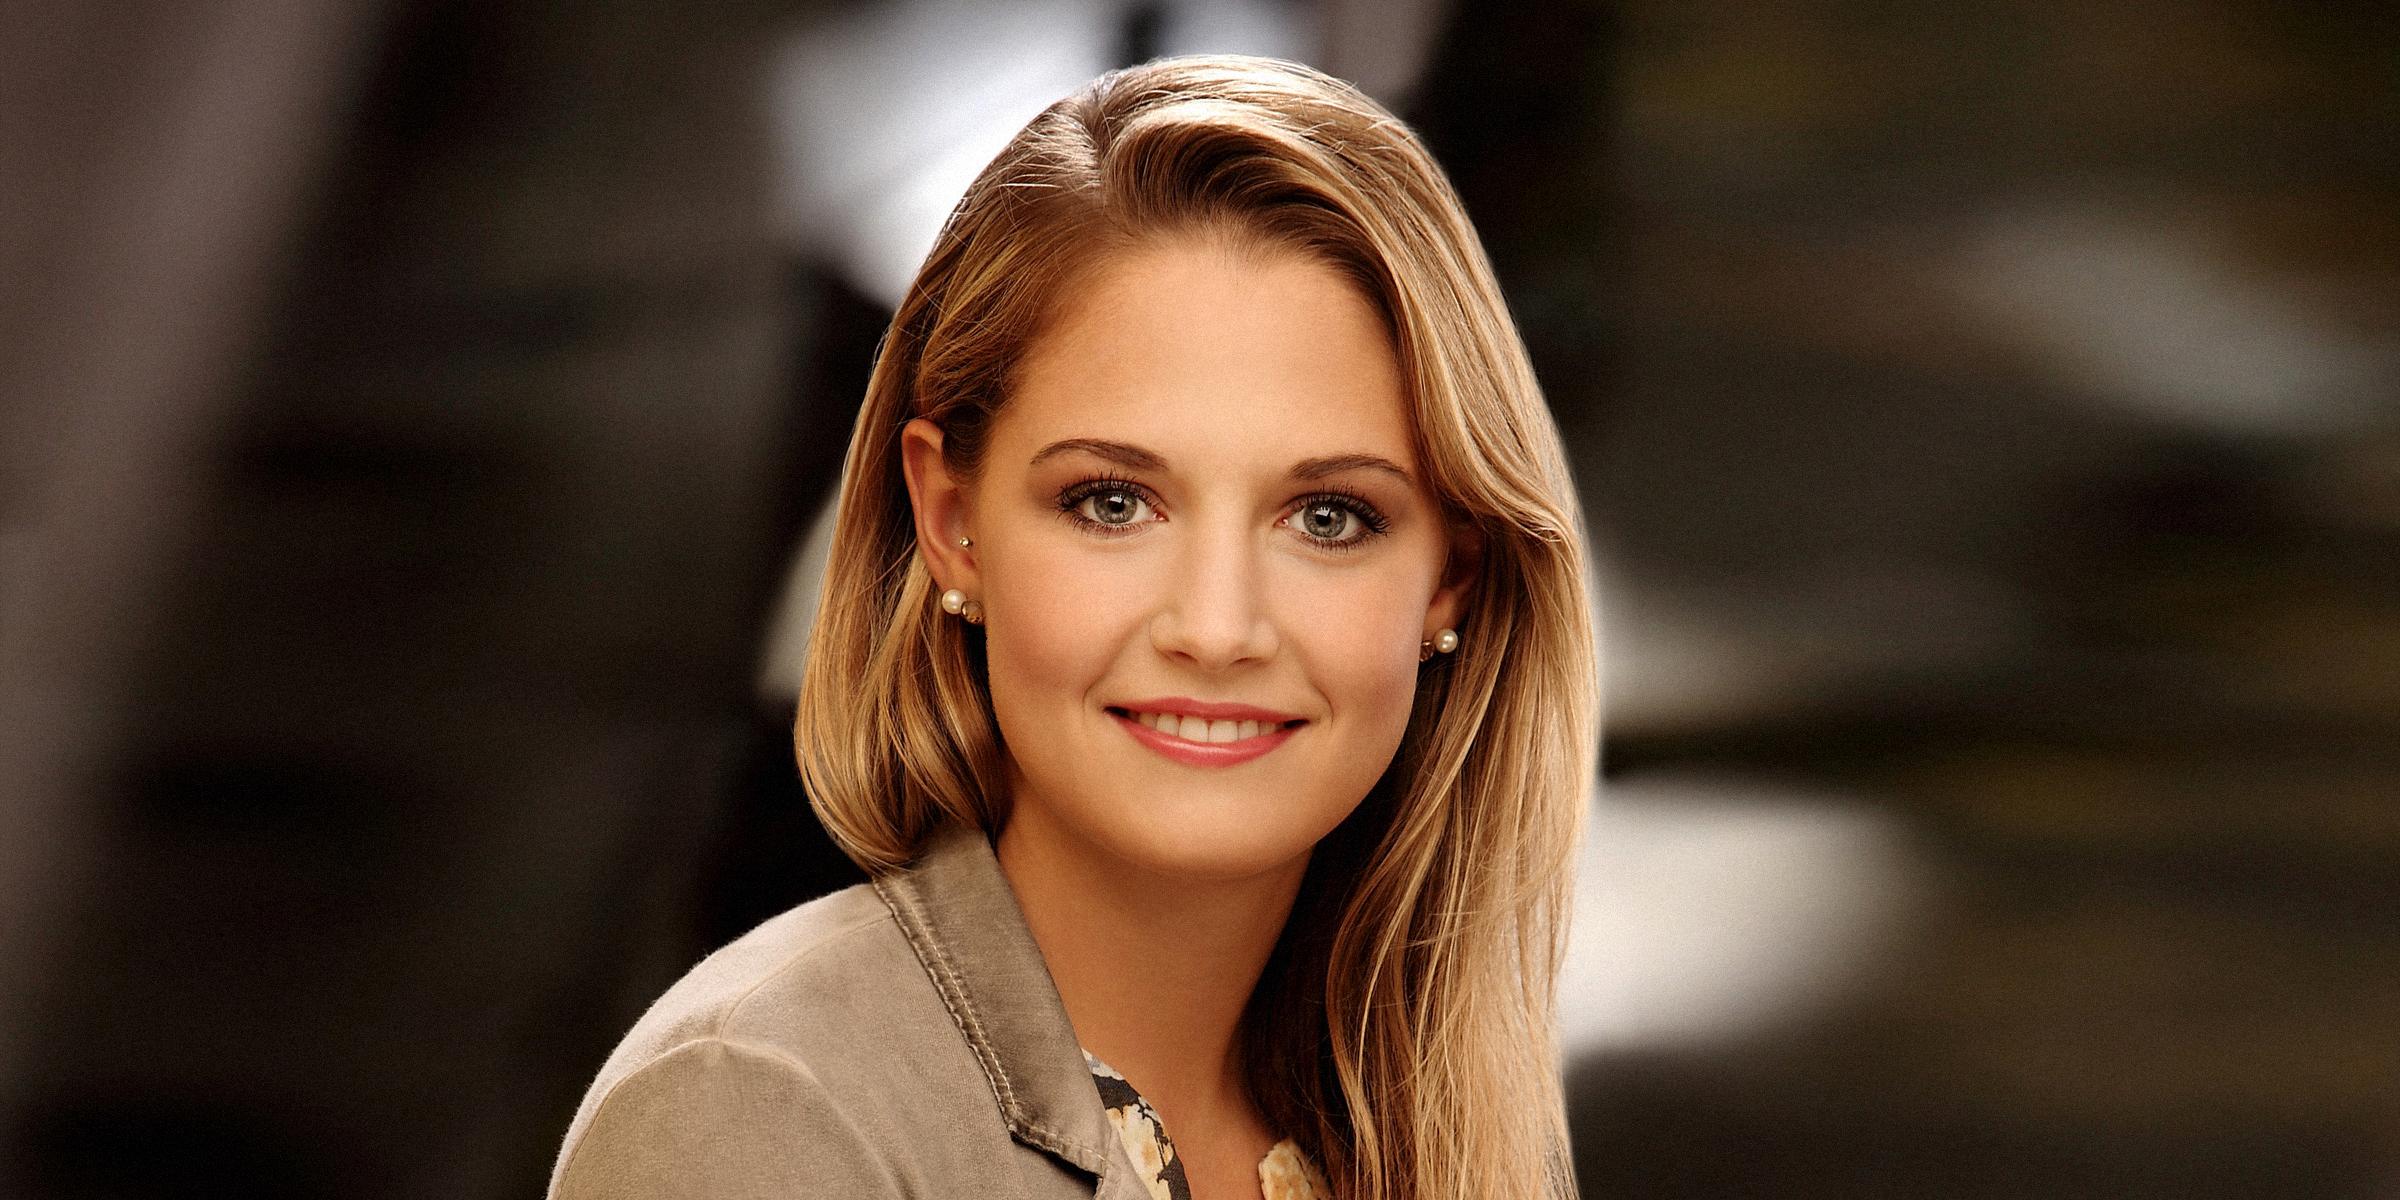 Eine Frau Lächelnd posiert für Business, Portrait und Bewerbungsfoto.